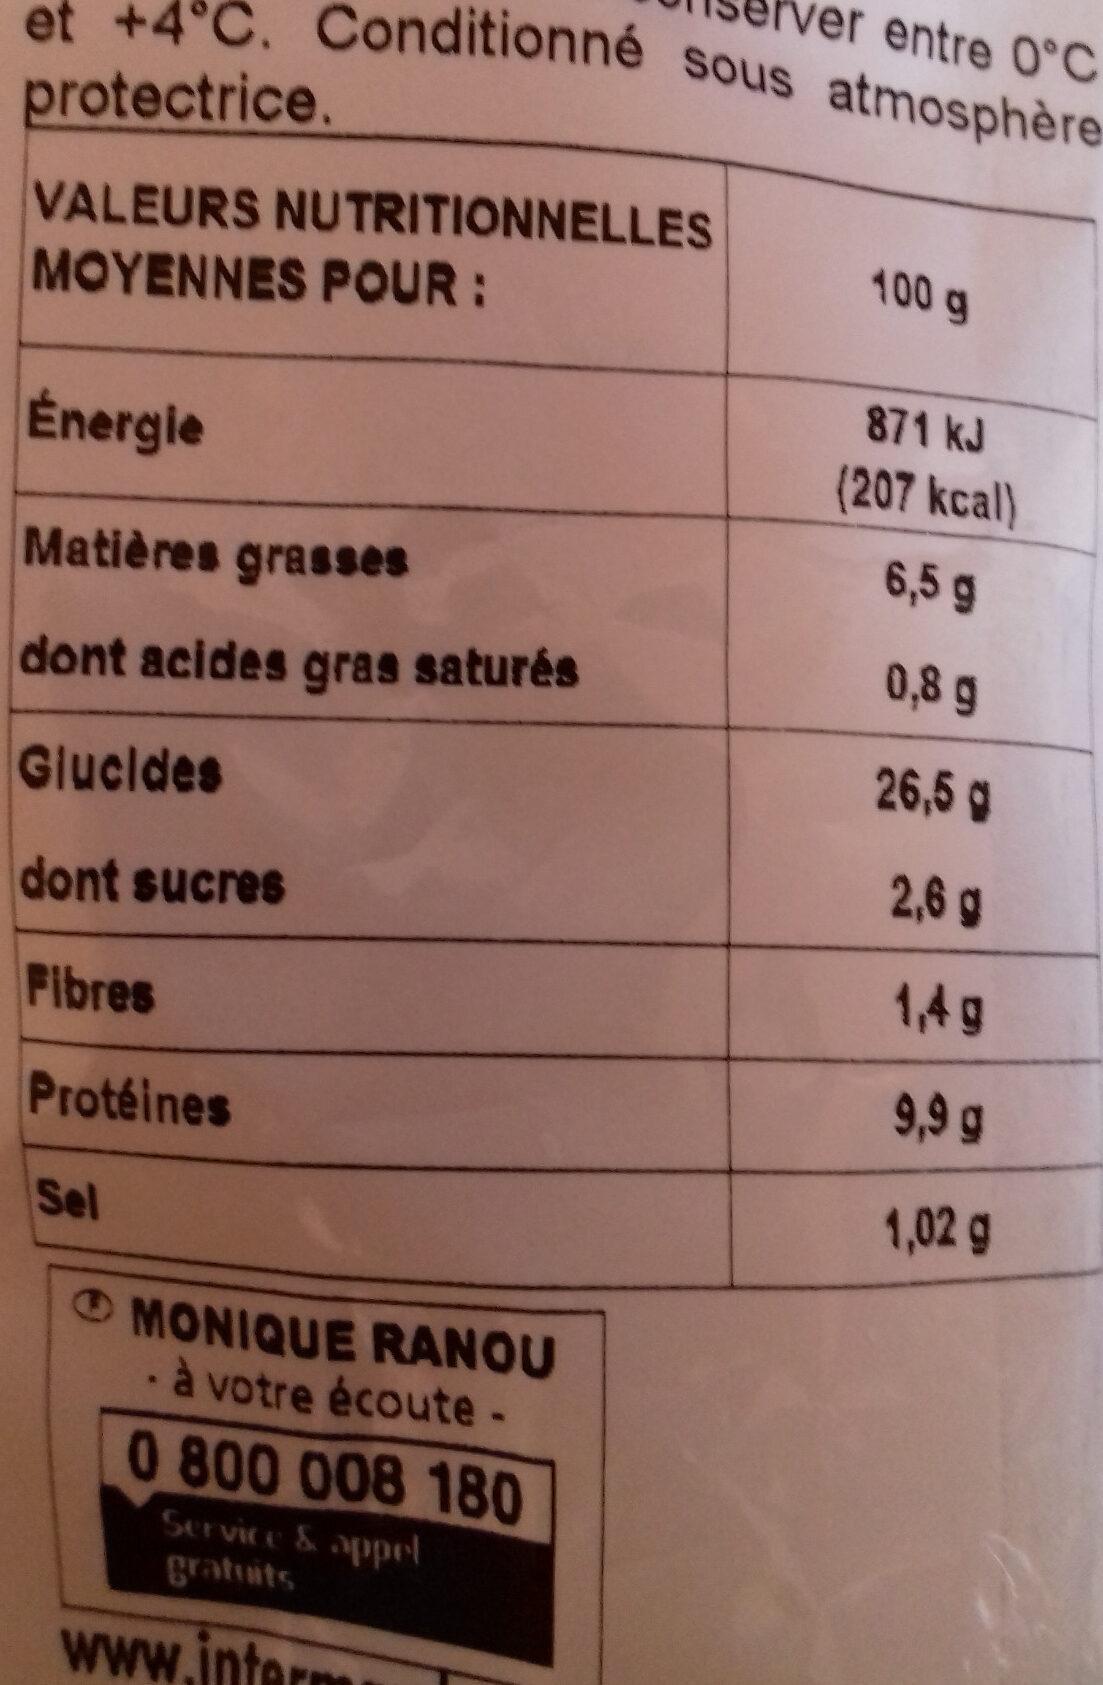 Sandwich poulet rôti oeuf pain nature  Monique Ranou - Informations nutritionnelles - fr